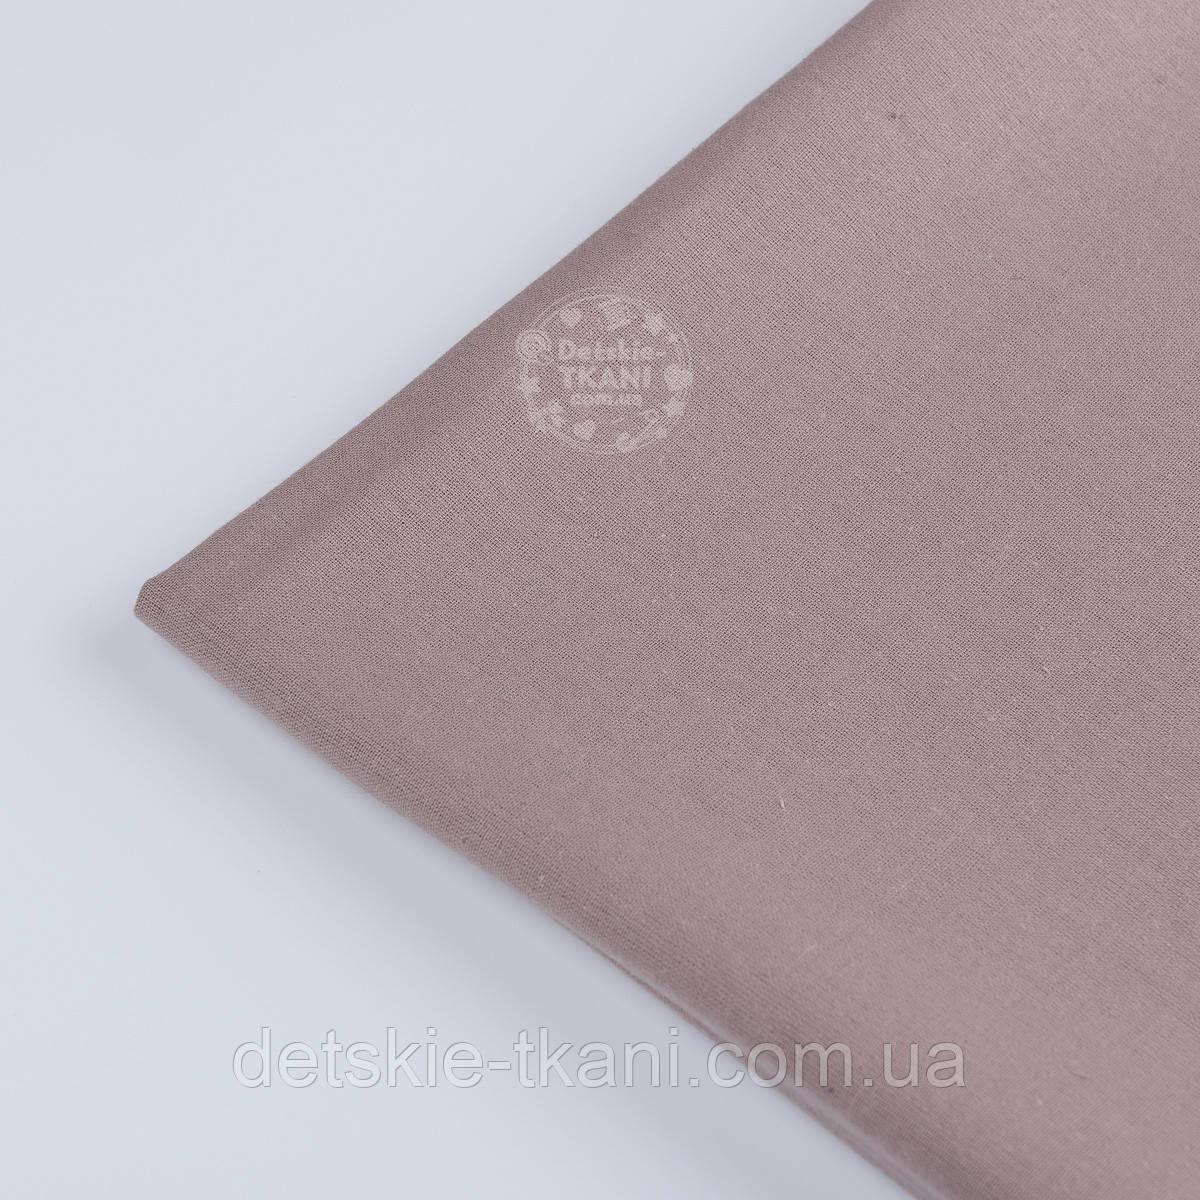 Лоскут ткани №265 однотонная  бязь цвет капучино (тёмно-кофейный), размер 55*110 см